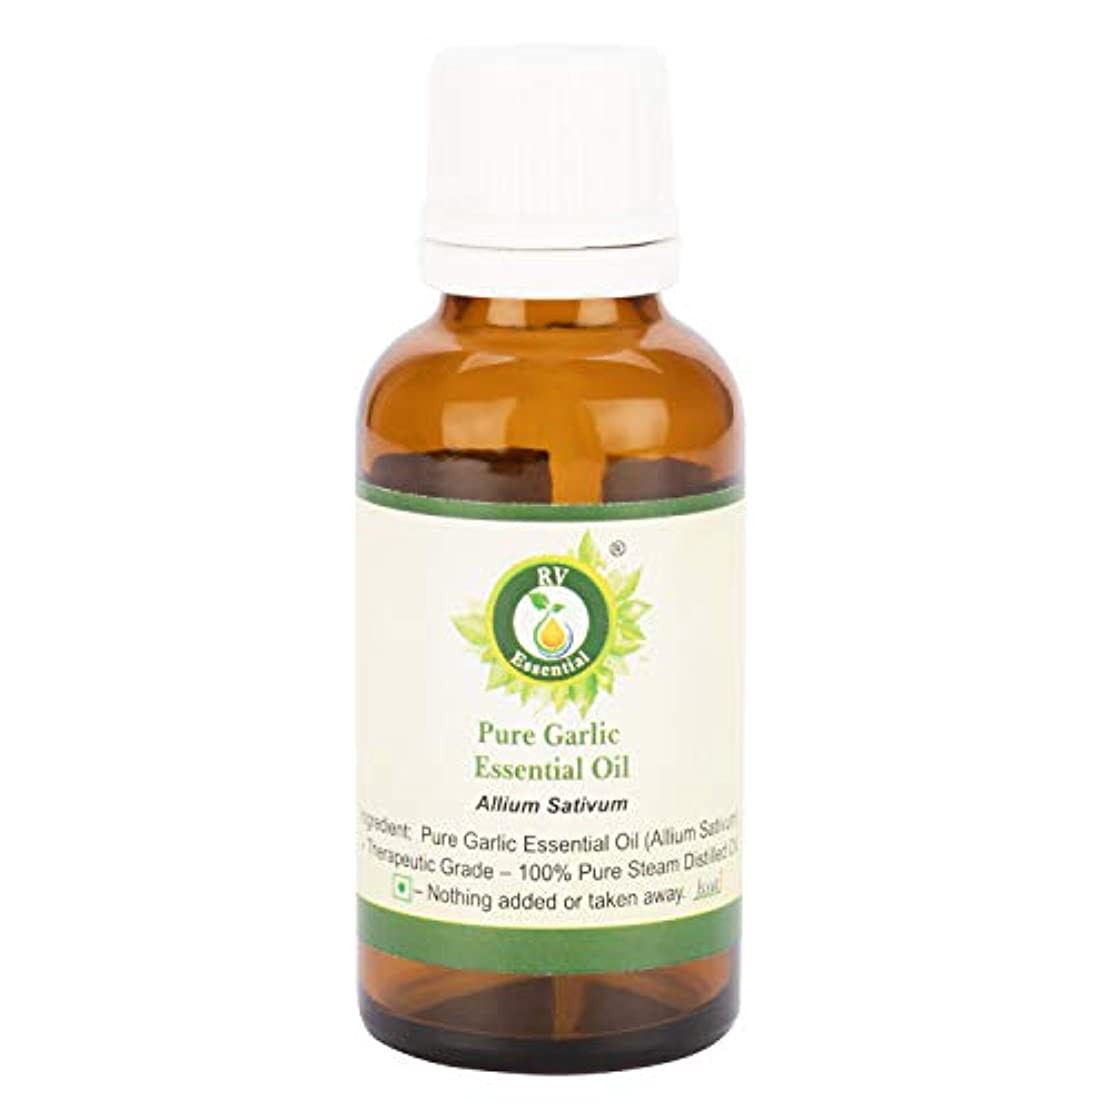 例外四分円持っているピュアニンニクエッセンシャルオイル100ml (3.38oz)- Allium Sativum (100%純粋&天然スチームDistilled) Pure Garlic Essential Oil